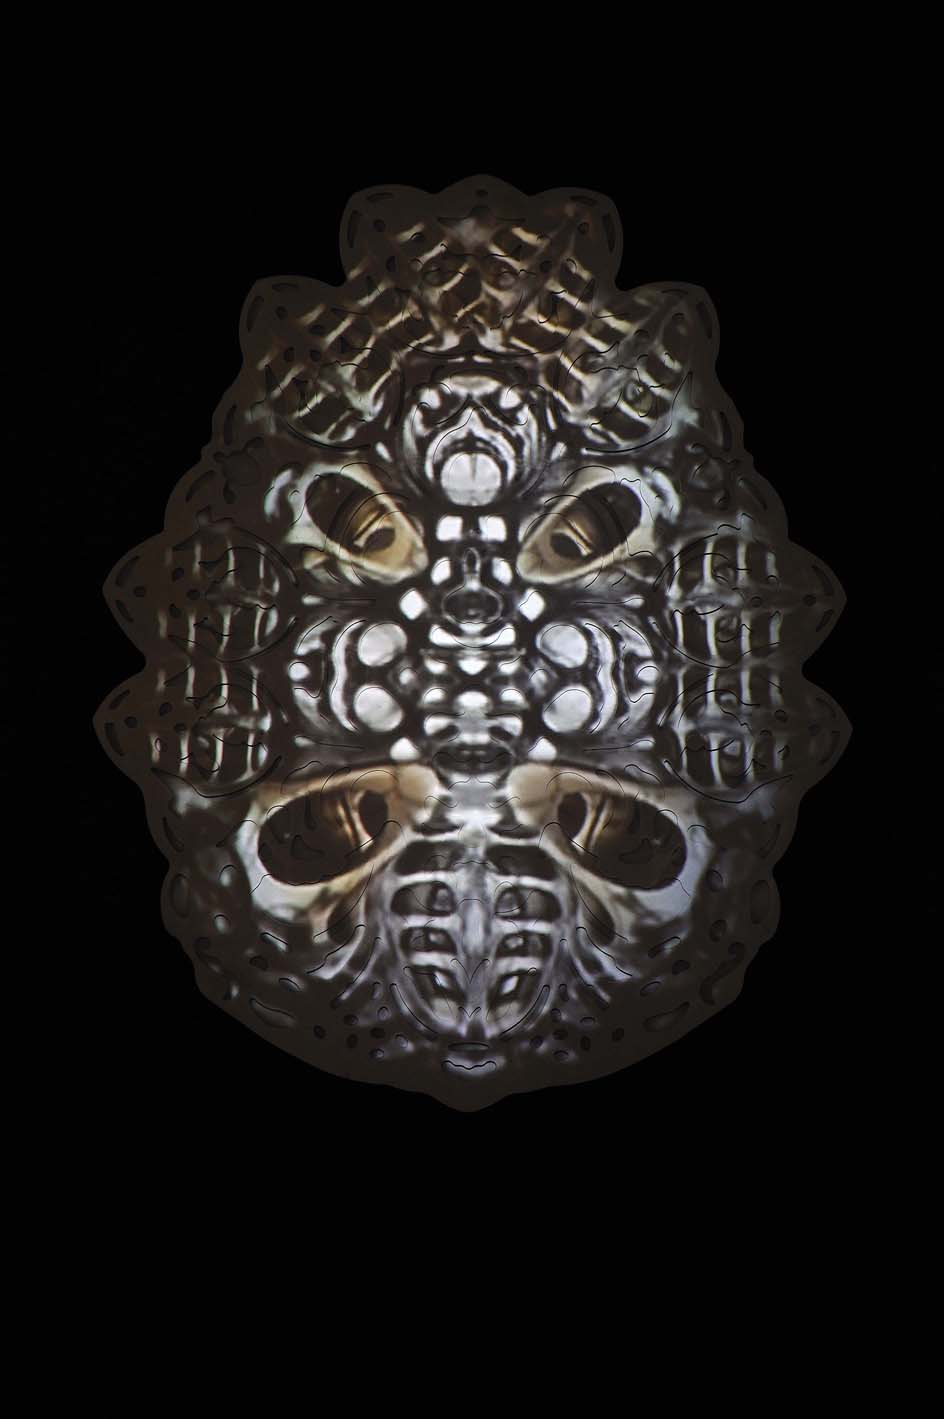 rohini-devasher-copyright-fossus-2011(11)